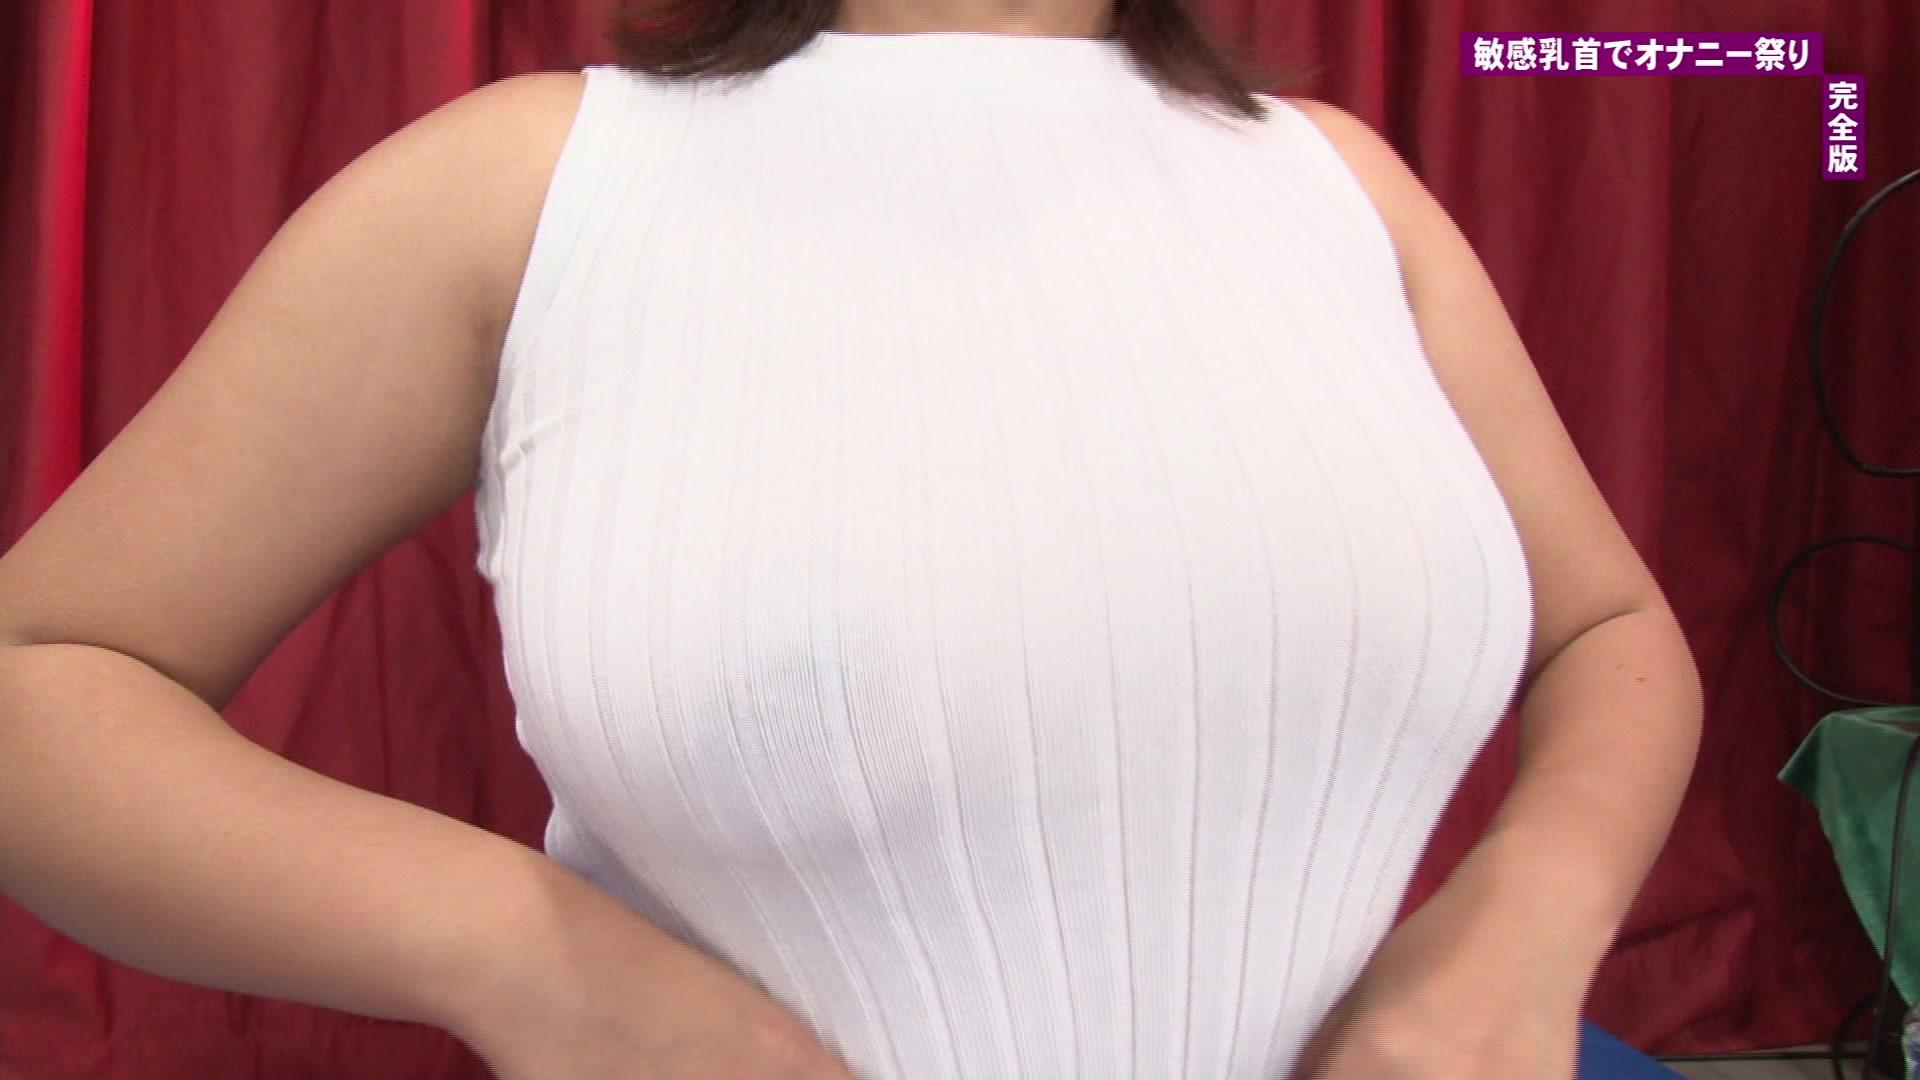 ノーブラぴったりニットの巨乳ちゃん大集合!敏感乳首で生オナニー祭り 完全版 画像1